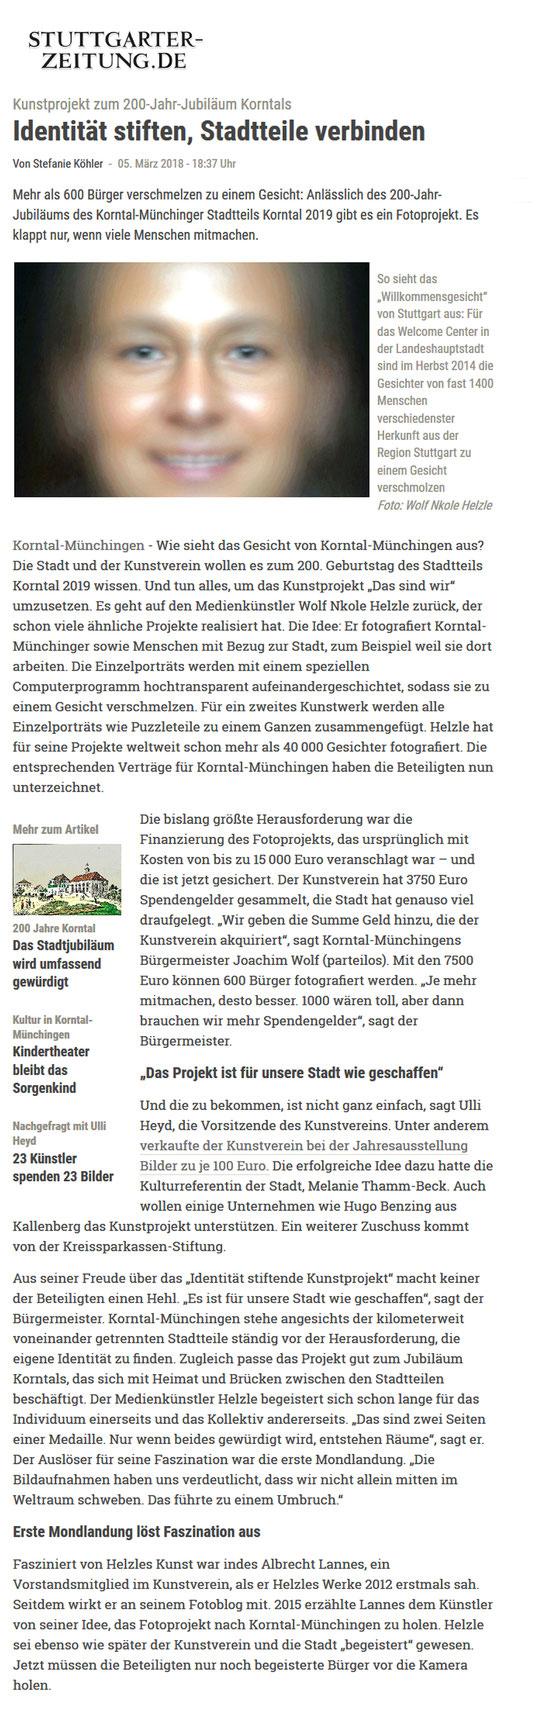 Stuttgarter Zeitung 05.03.2018